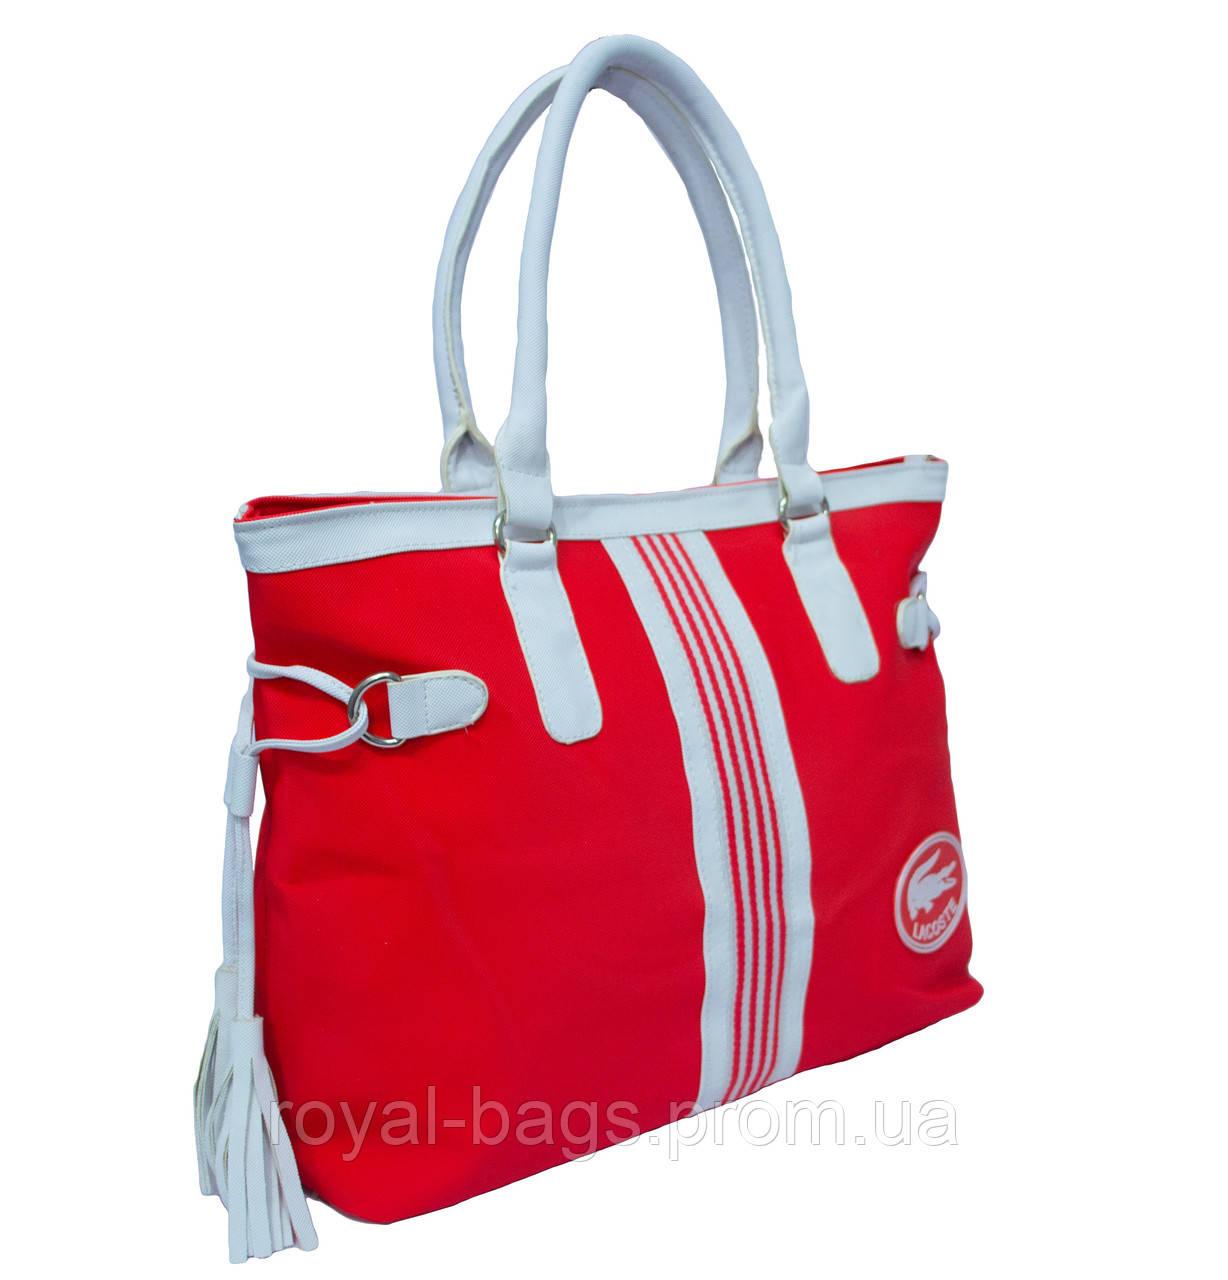 38d1948e395e Сумка Lacoste Nelly Shopping красная: продажа, цена в Одессе ...